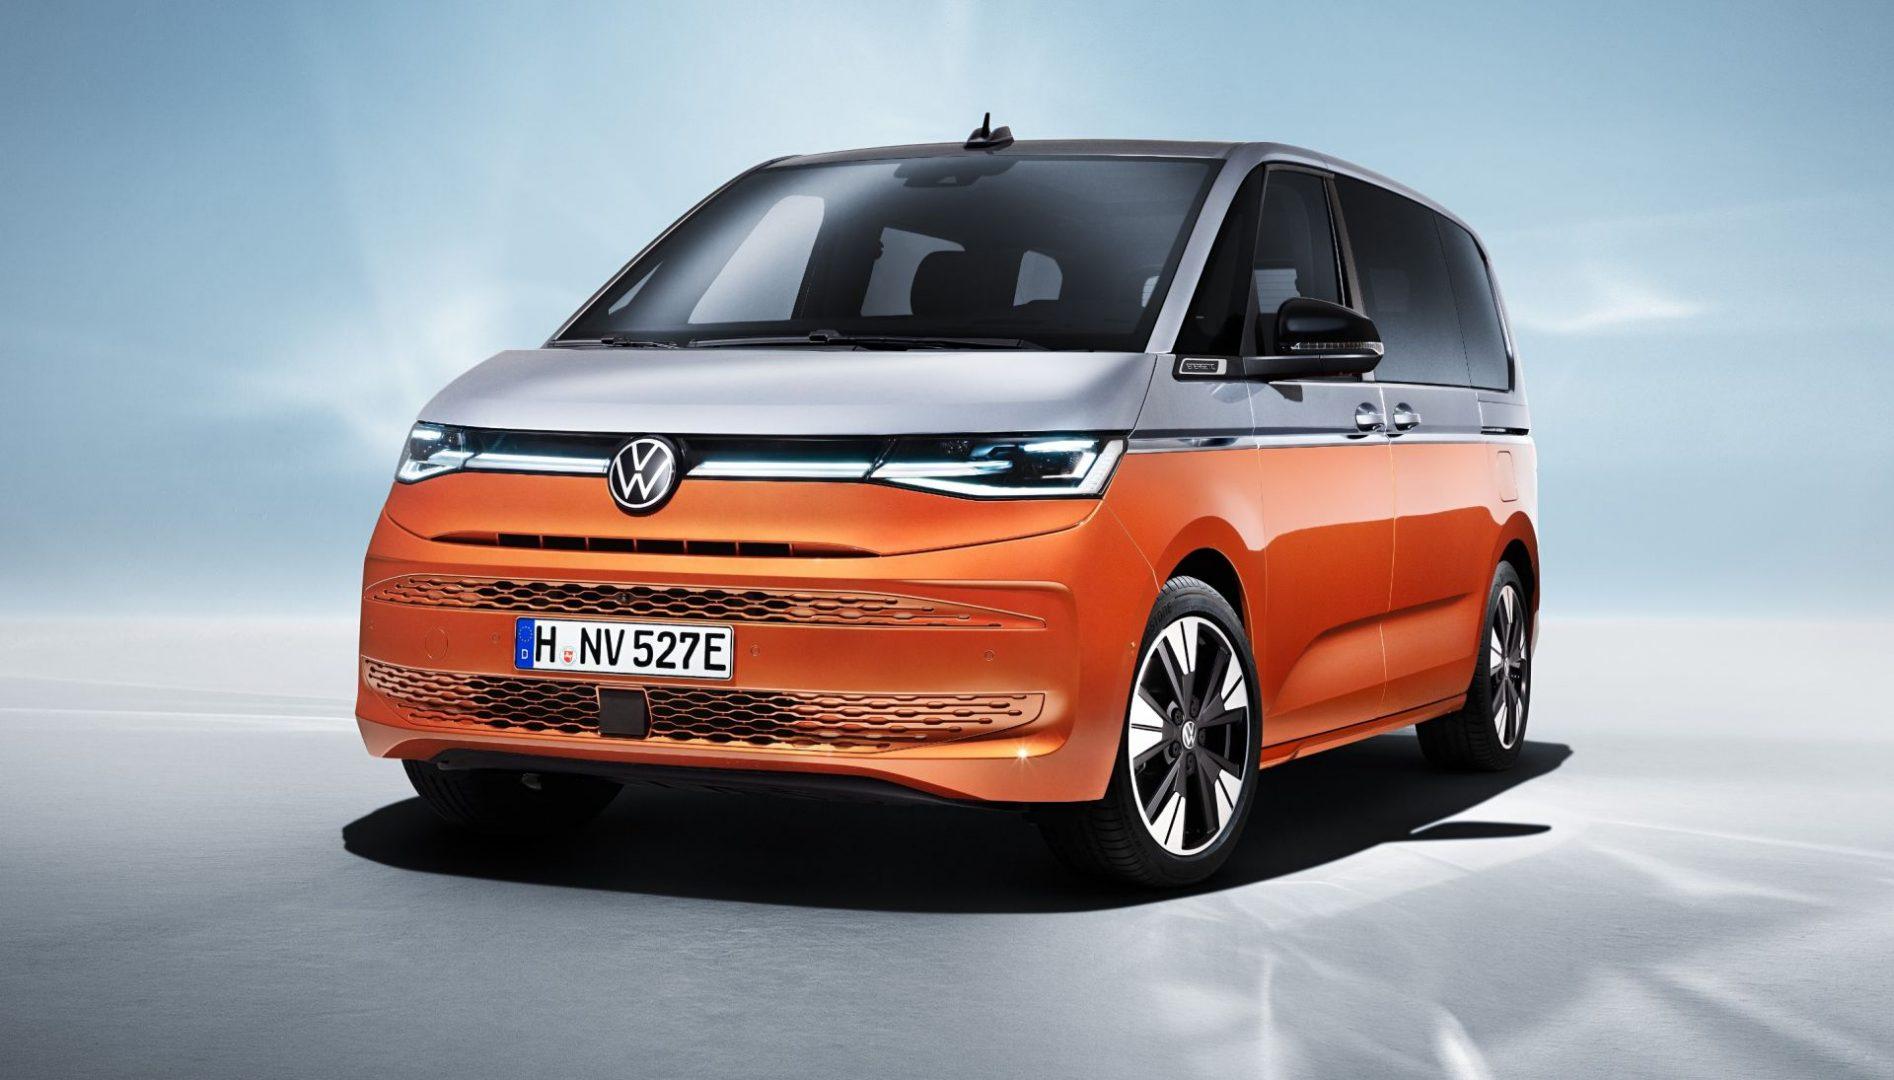 Smjeliji dizajn i DSG automatski mjenjač u svim izvedbama: to je potpuno novi Volkswagen Multivan T7